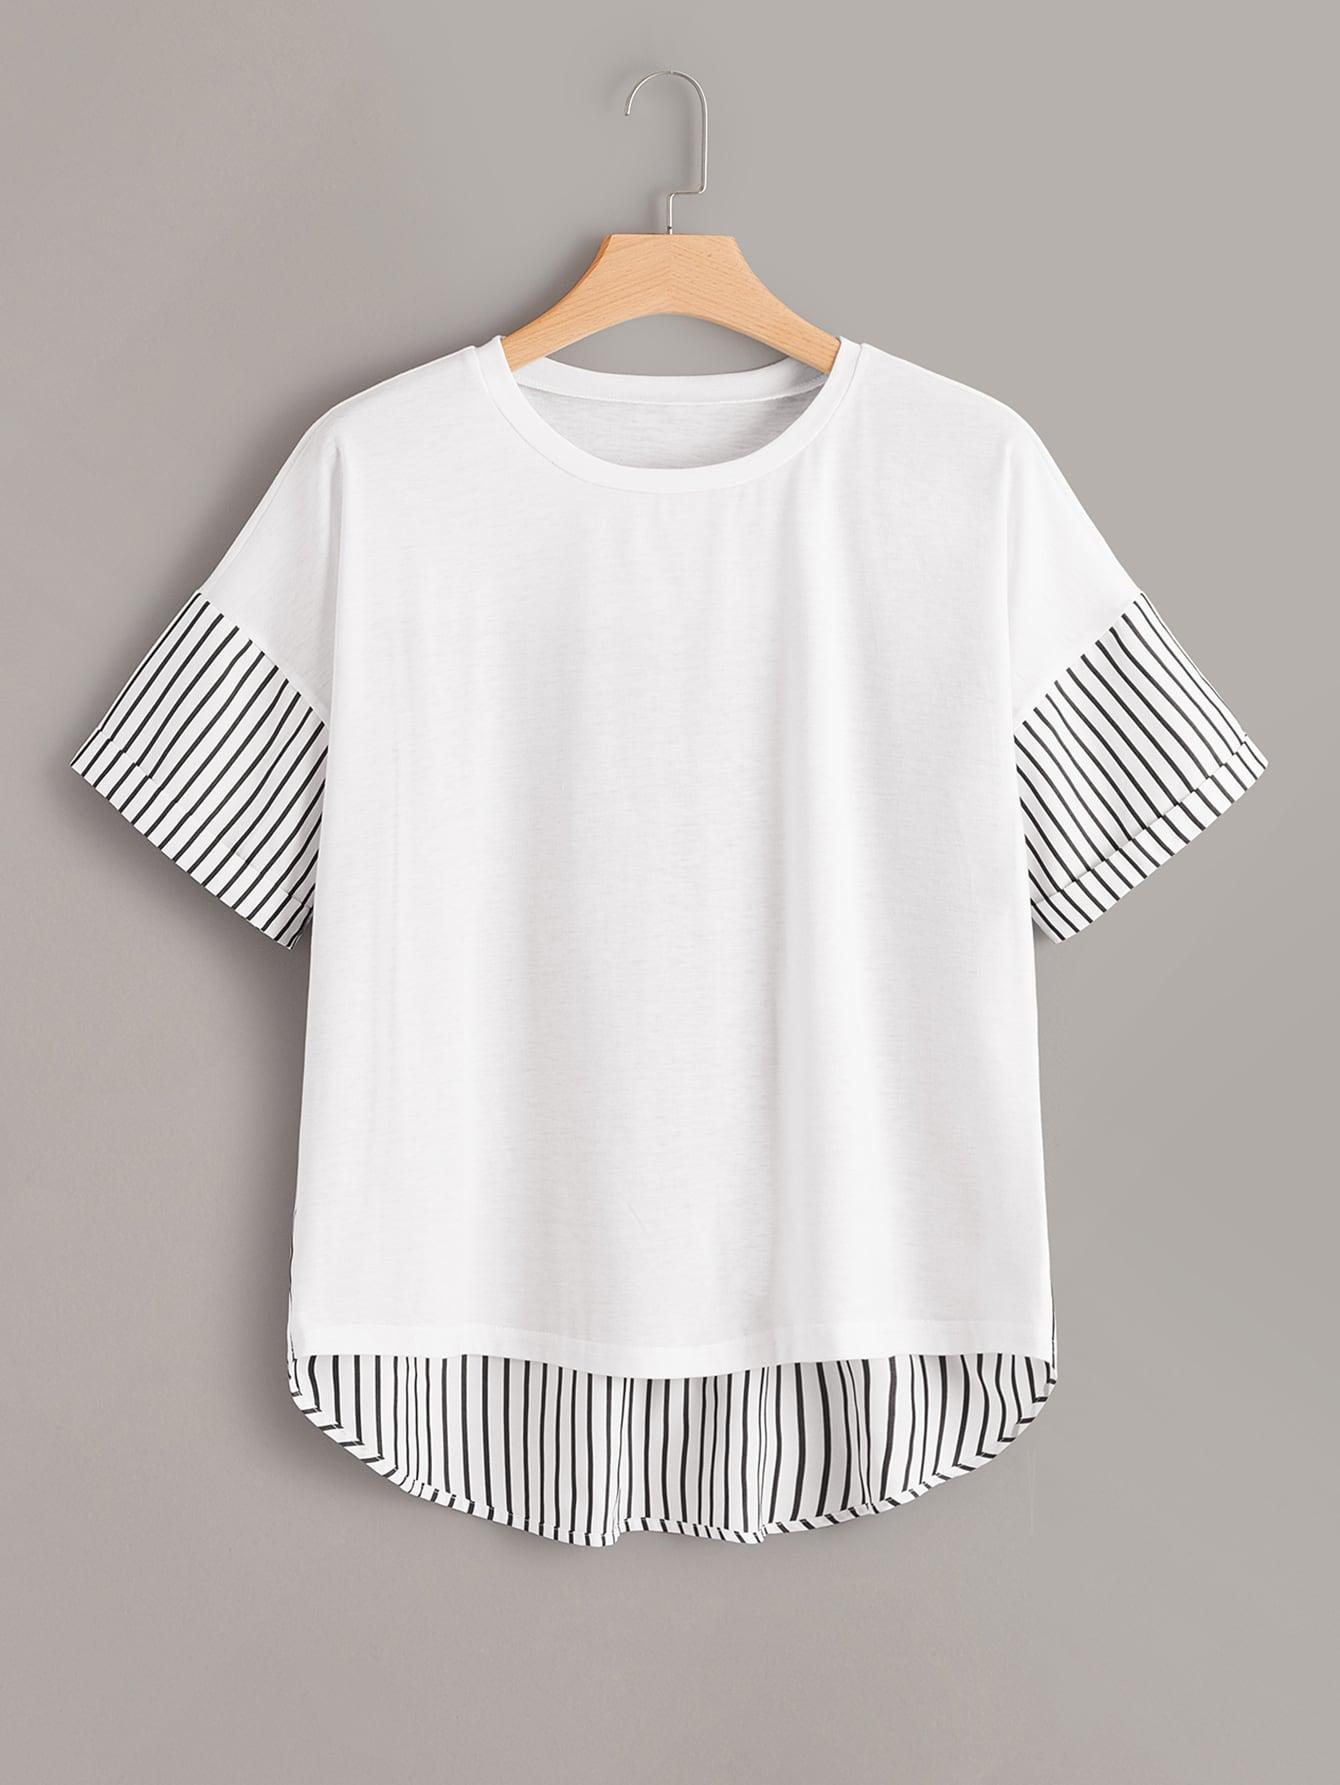 Фото - Асимметричная футболка с полосками размера плюс от SheIn цвет белые